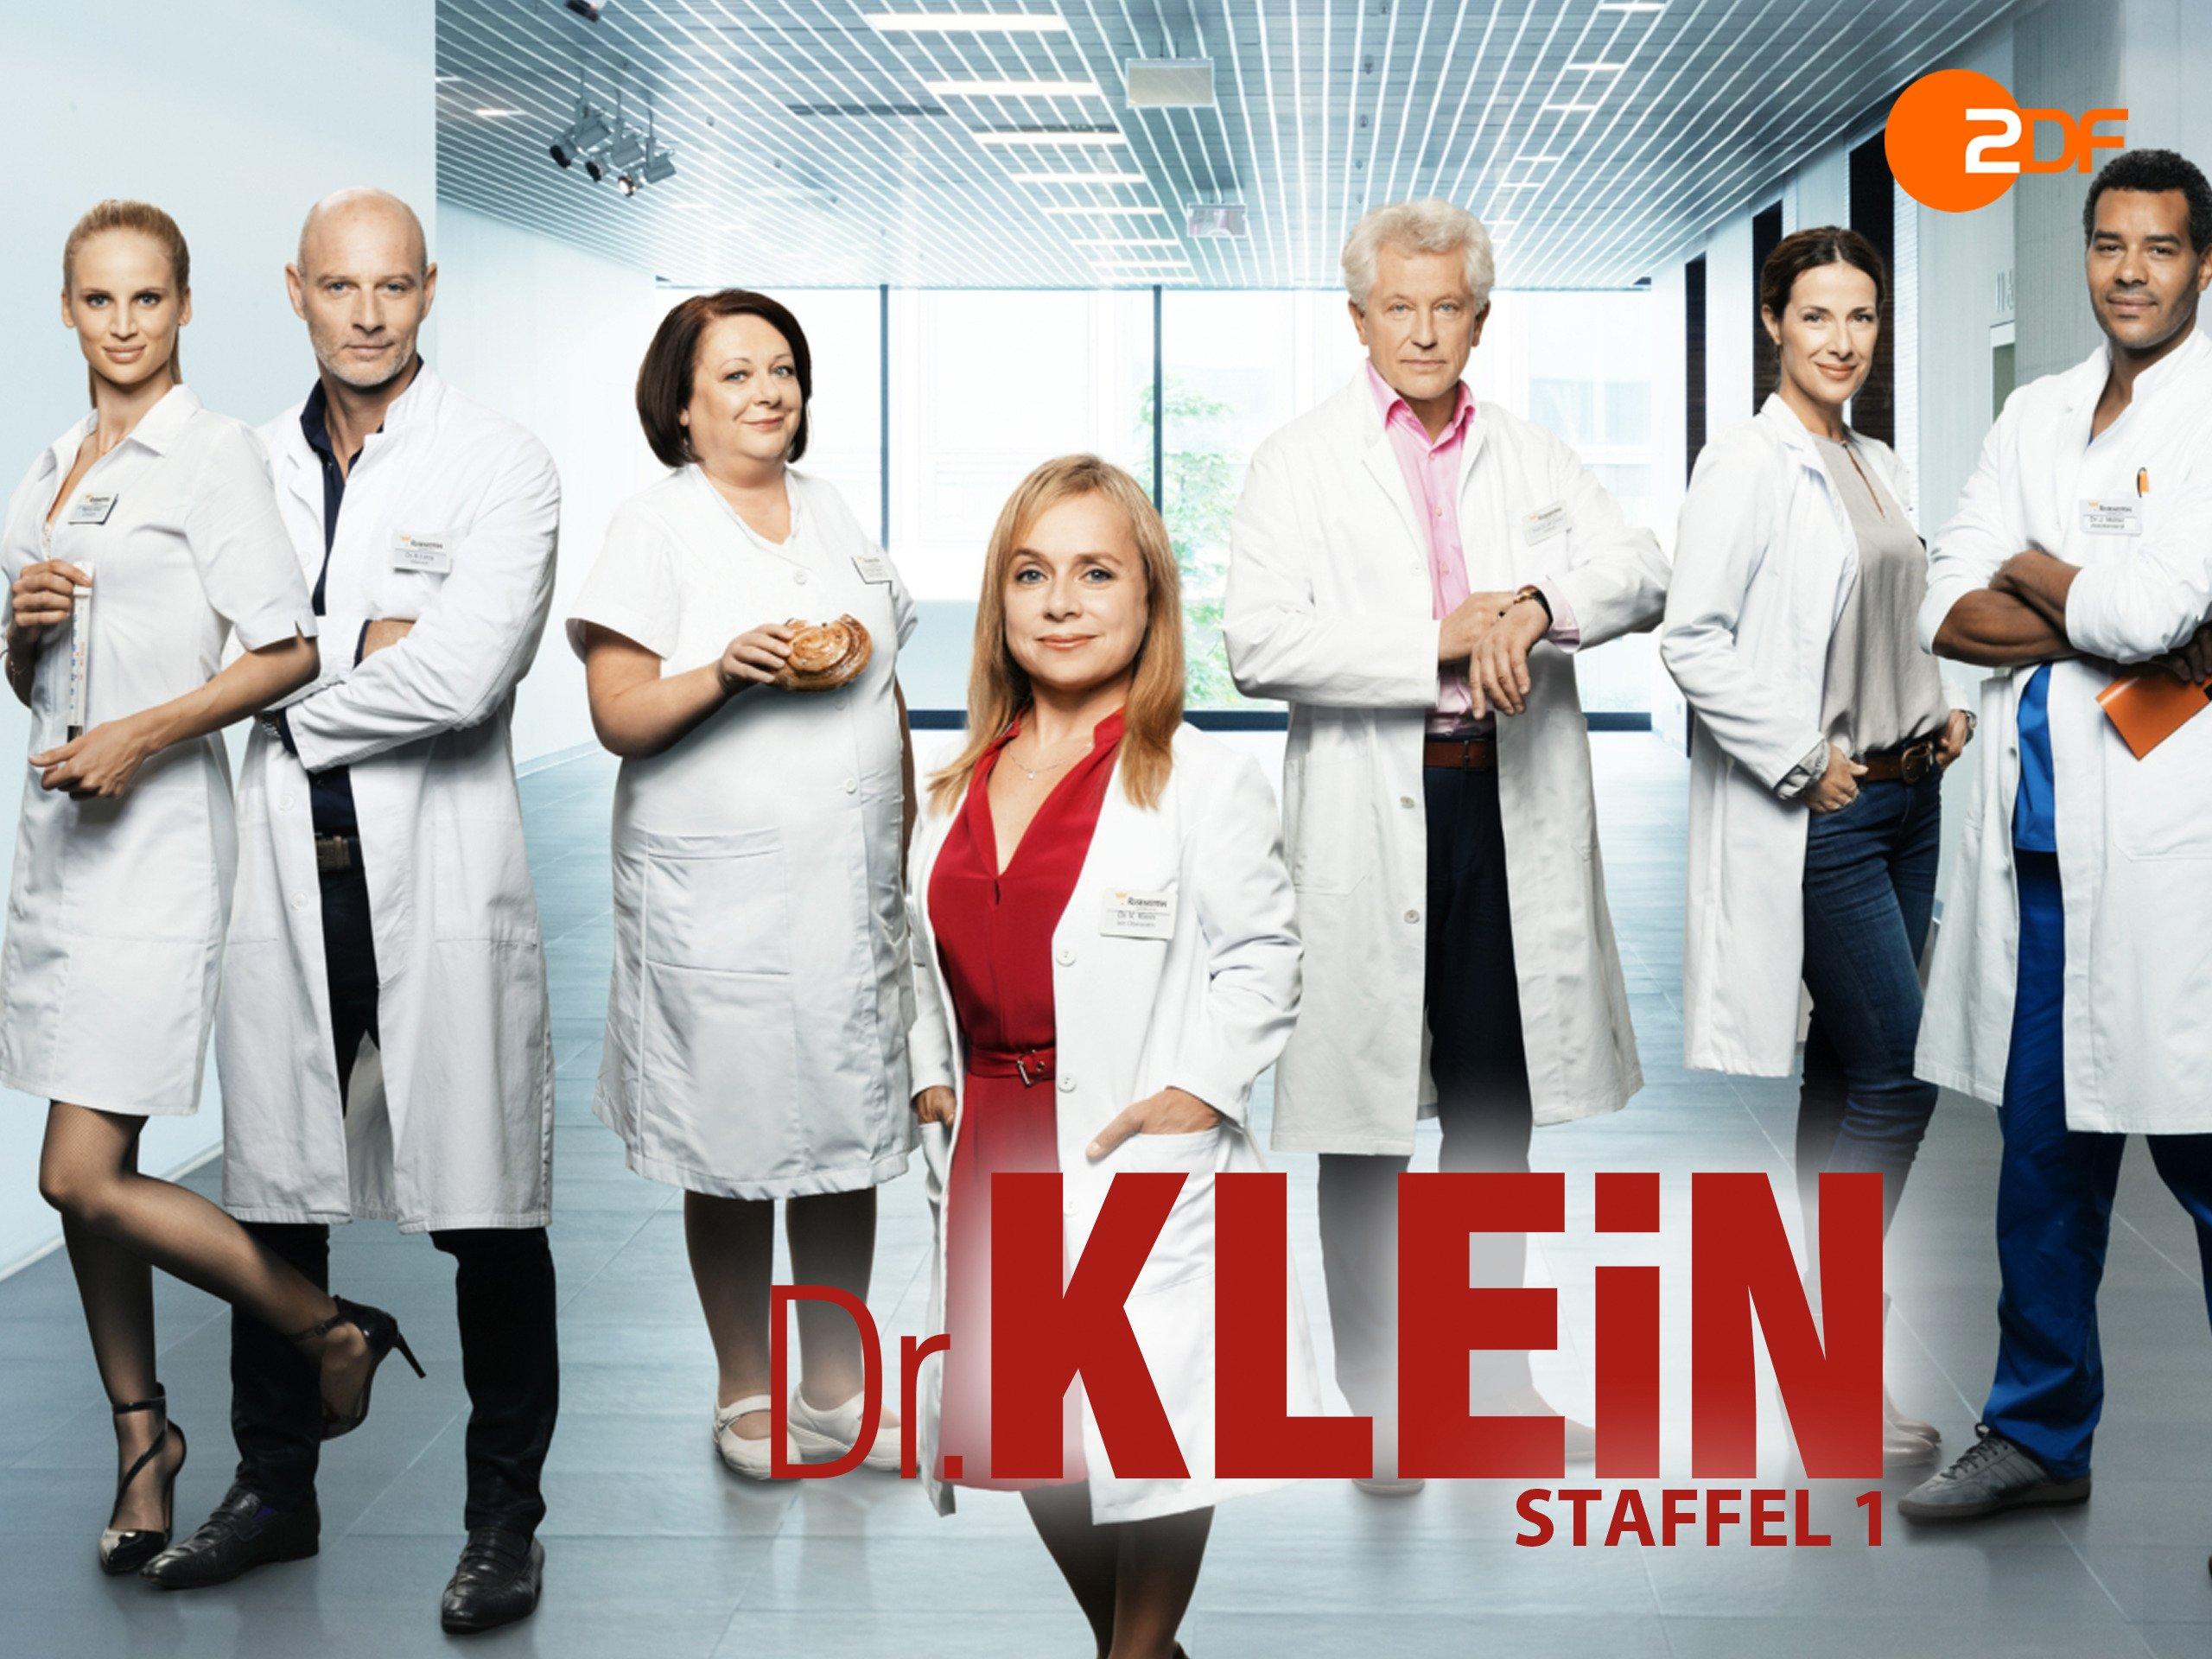 Dr. Klein - Staffel 1 online schauen und streamen bei Amazon Instant ...